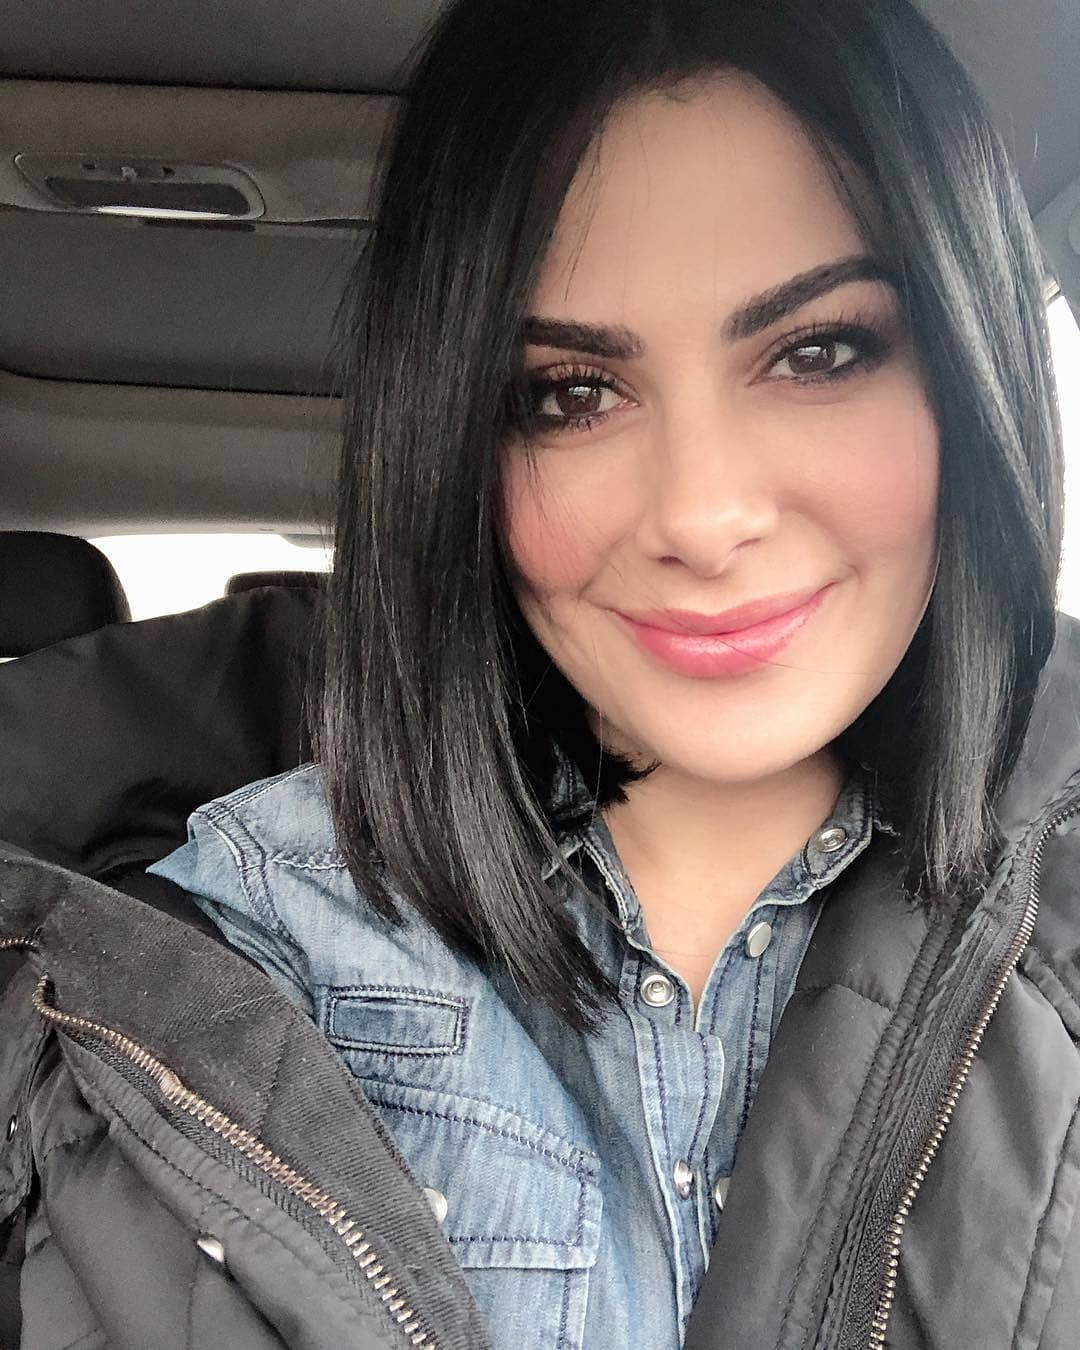 صبا مبارك صبا مبارك السيوف ميلادها في 10 أبريل 1976 عمرها 42 سنة ولدت في السعودية ويعود أصلها إلى بلدة عنجرة في محافظة عجلون ش Belinda Peregrin Belinda